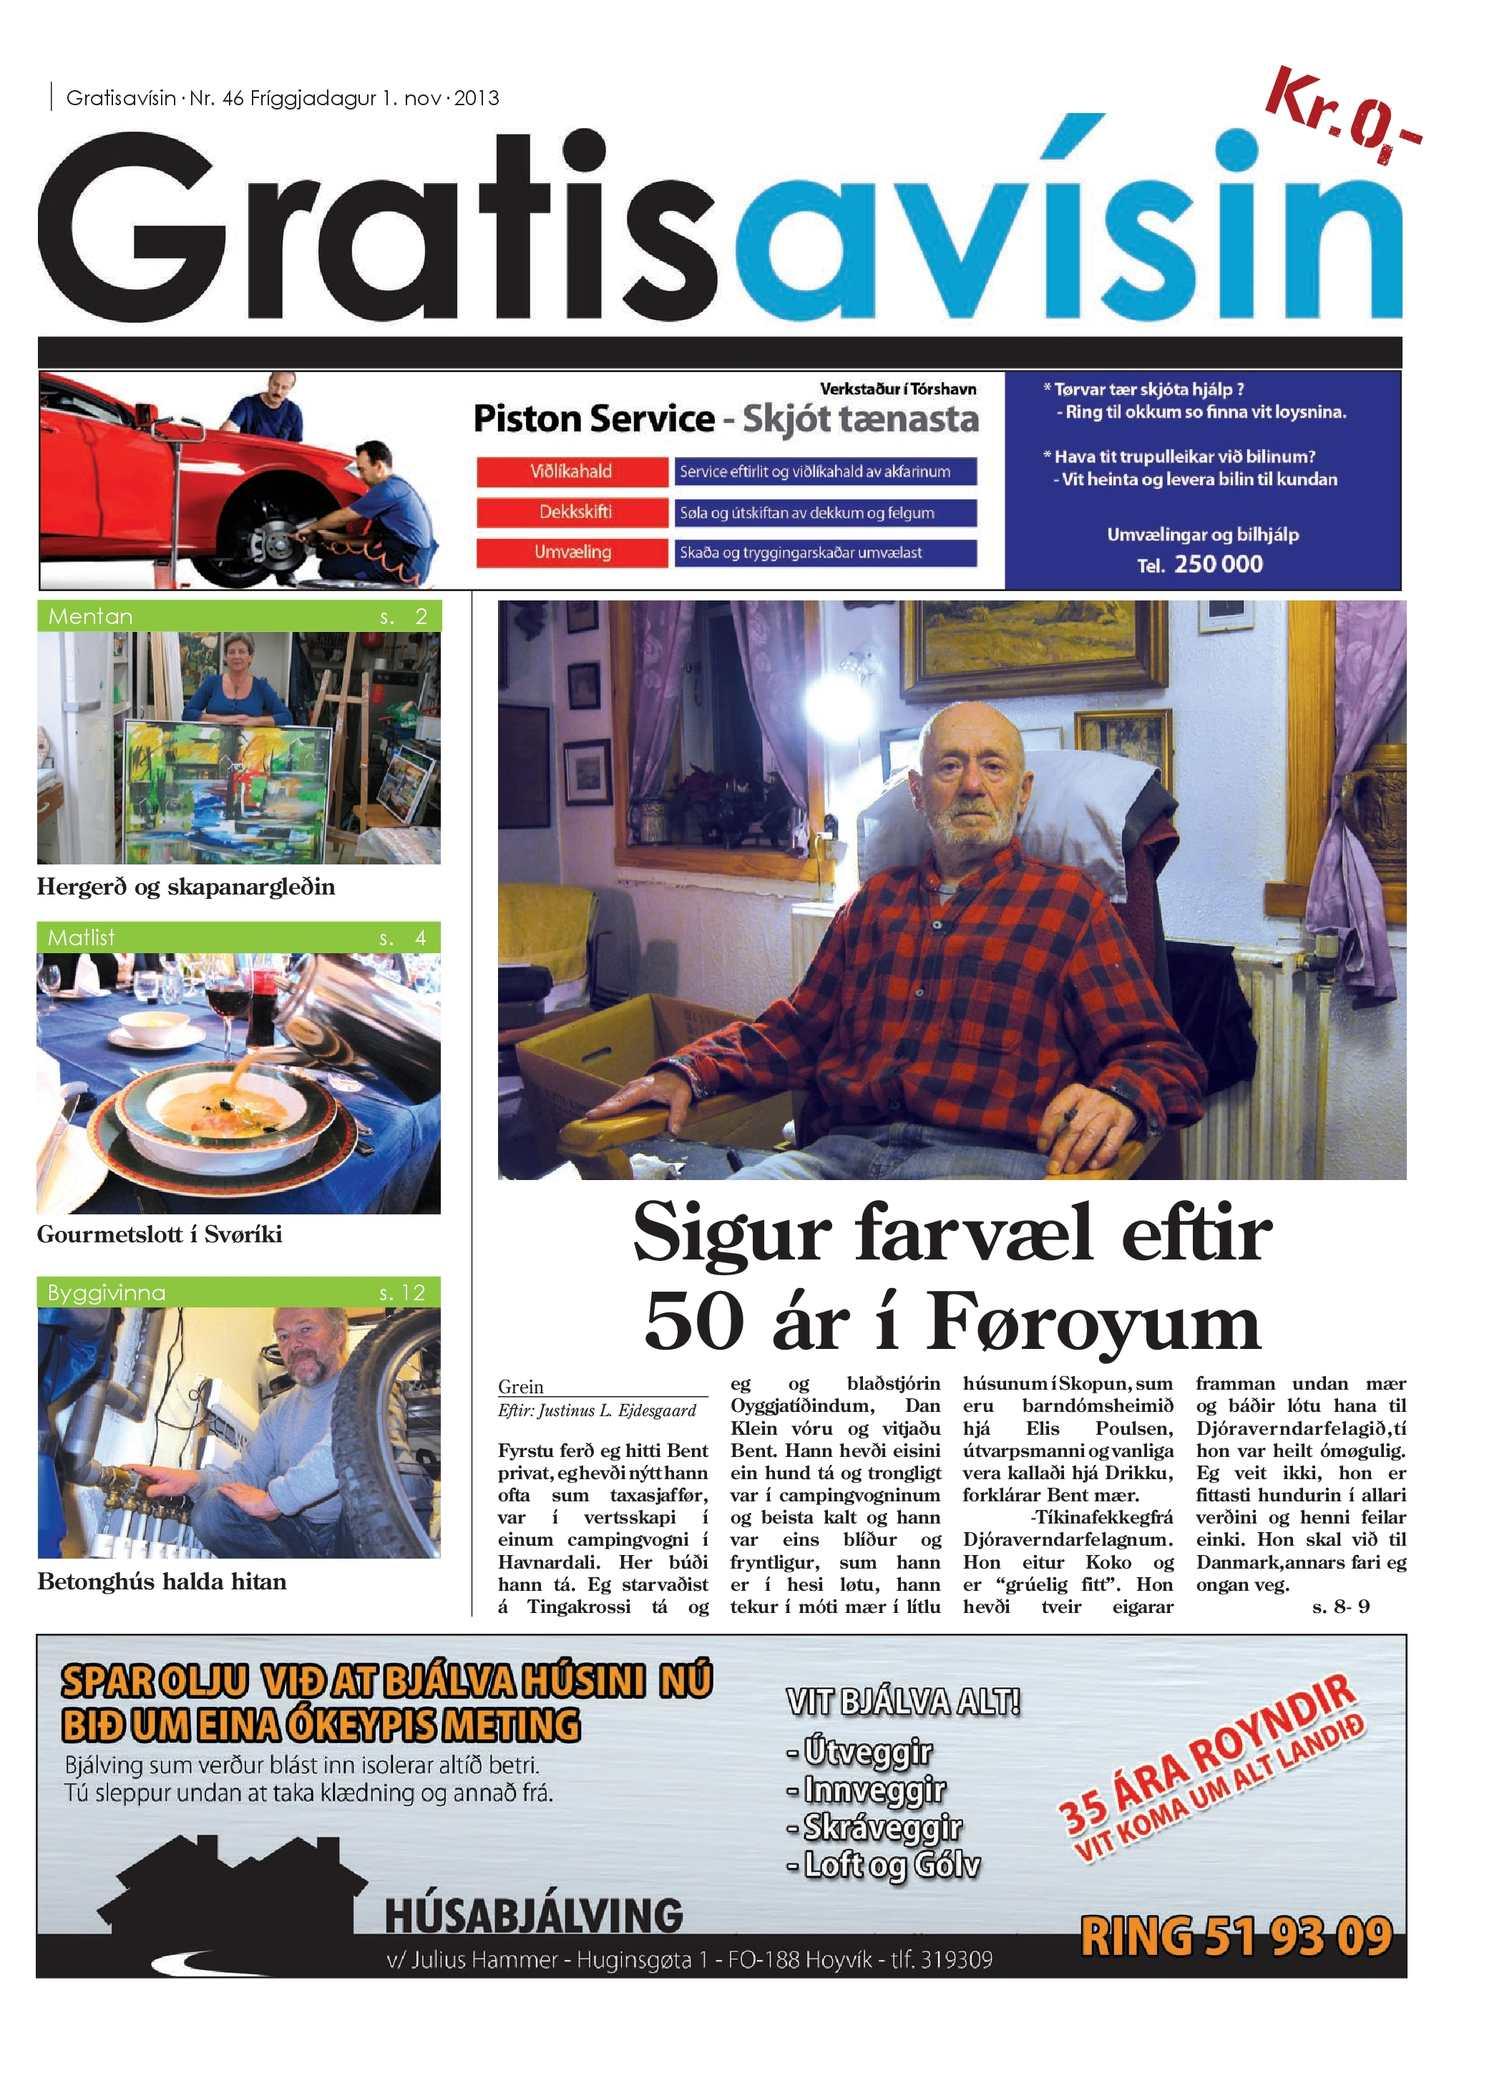 Gratisavísin Nr. 46 - 1. nov. 2013